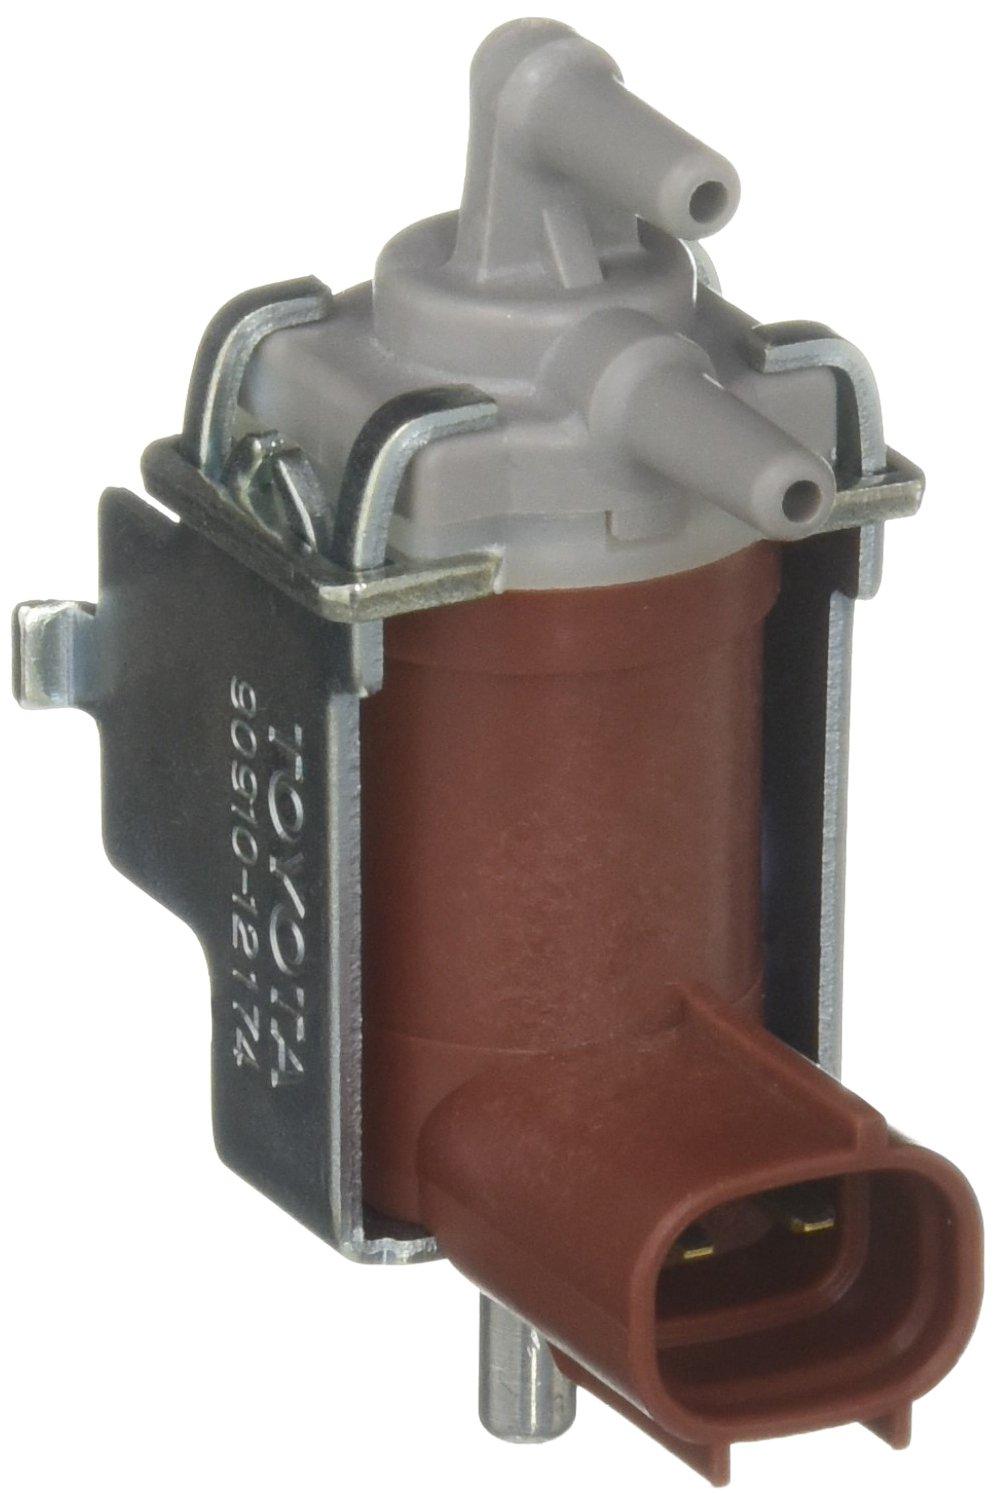 Toyota 90910-12174 Vacuum Switching Valve